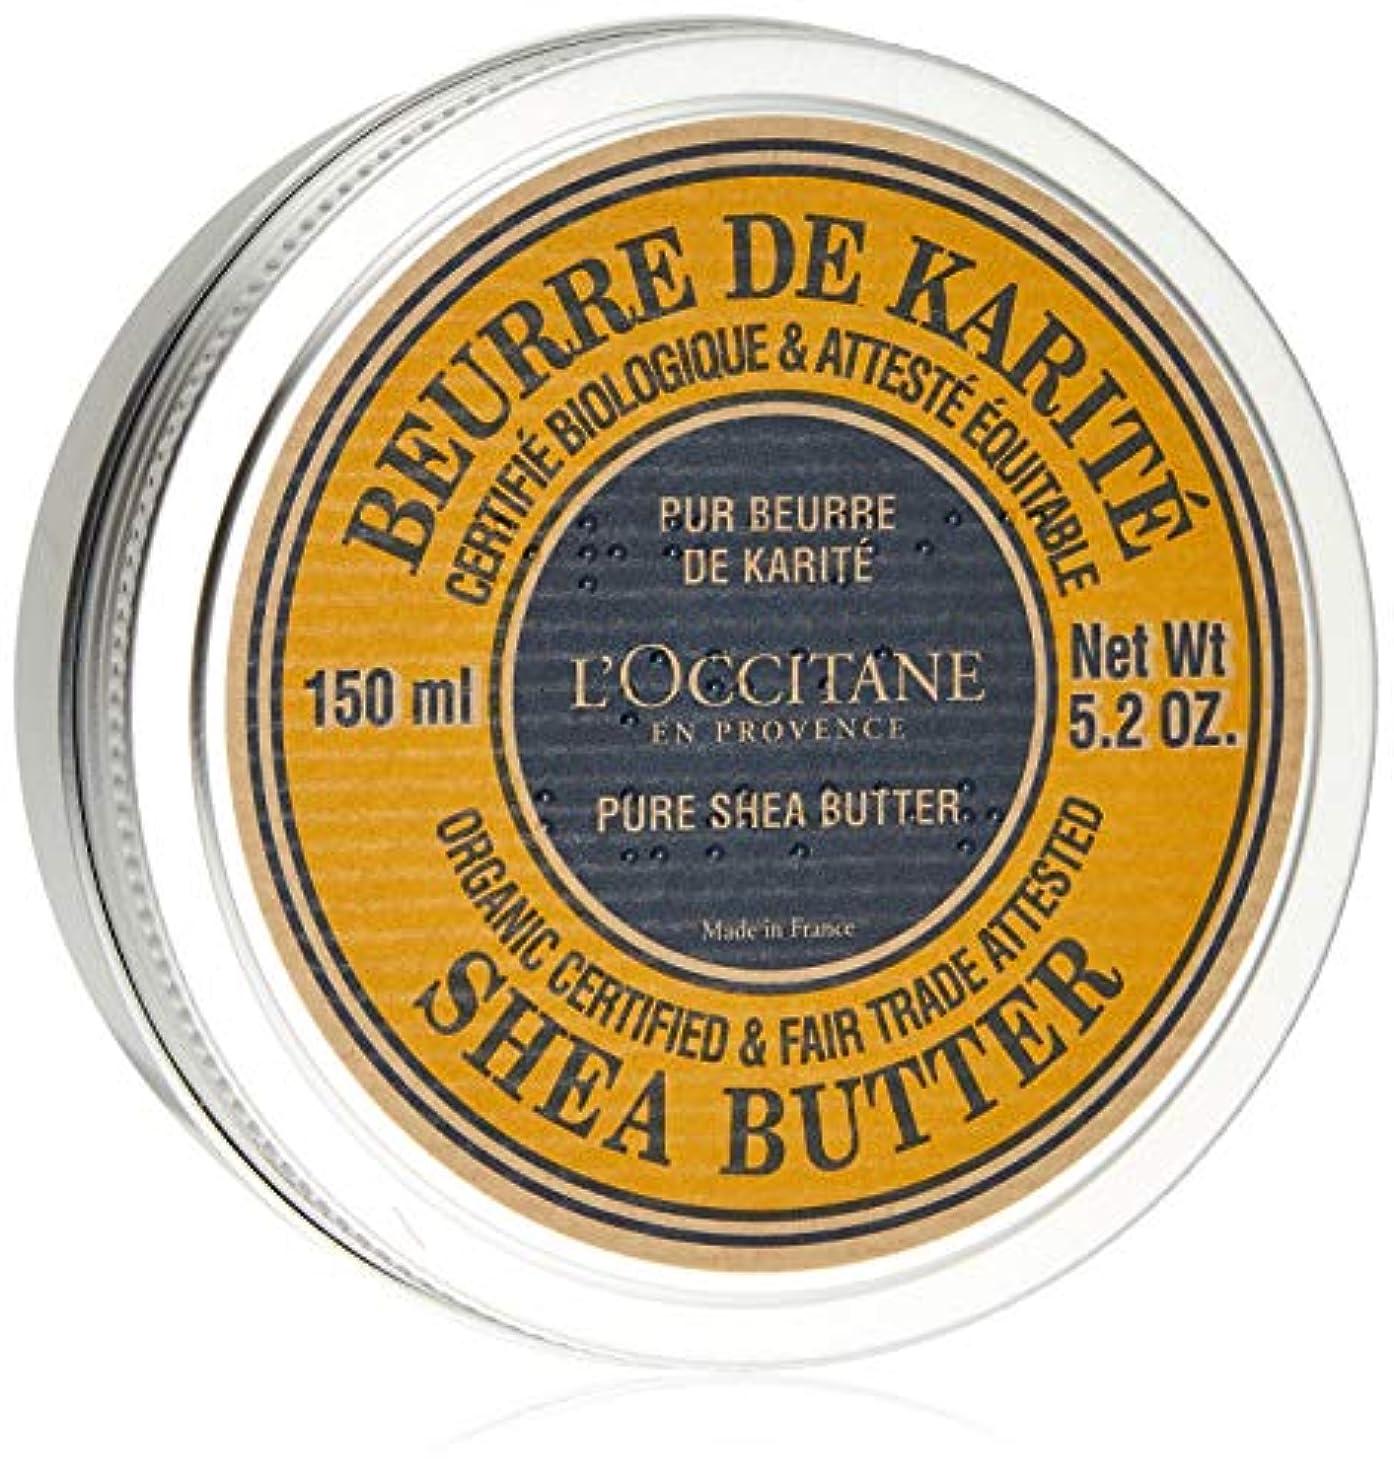 マイルストーン胴体王族ロクシタン(L'OCCITANE) シアバター 150mL